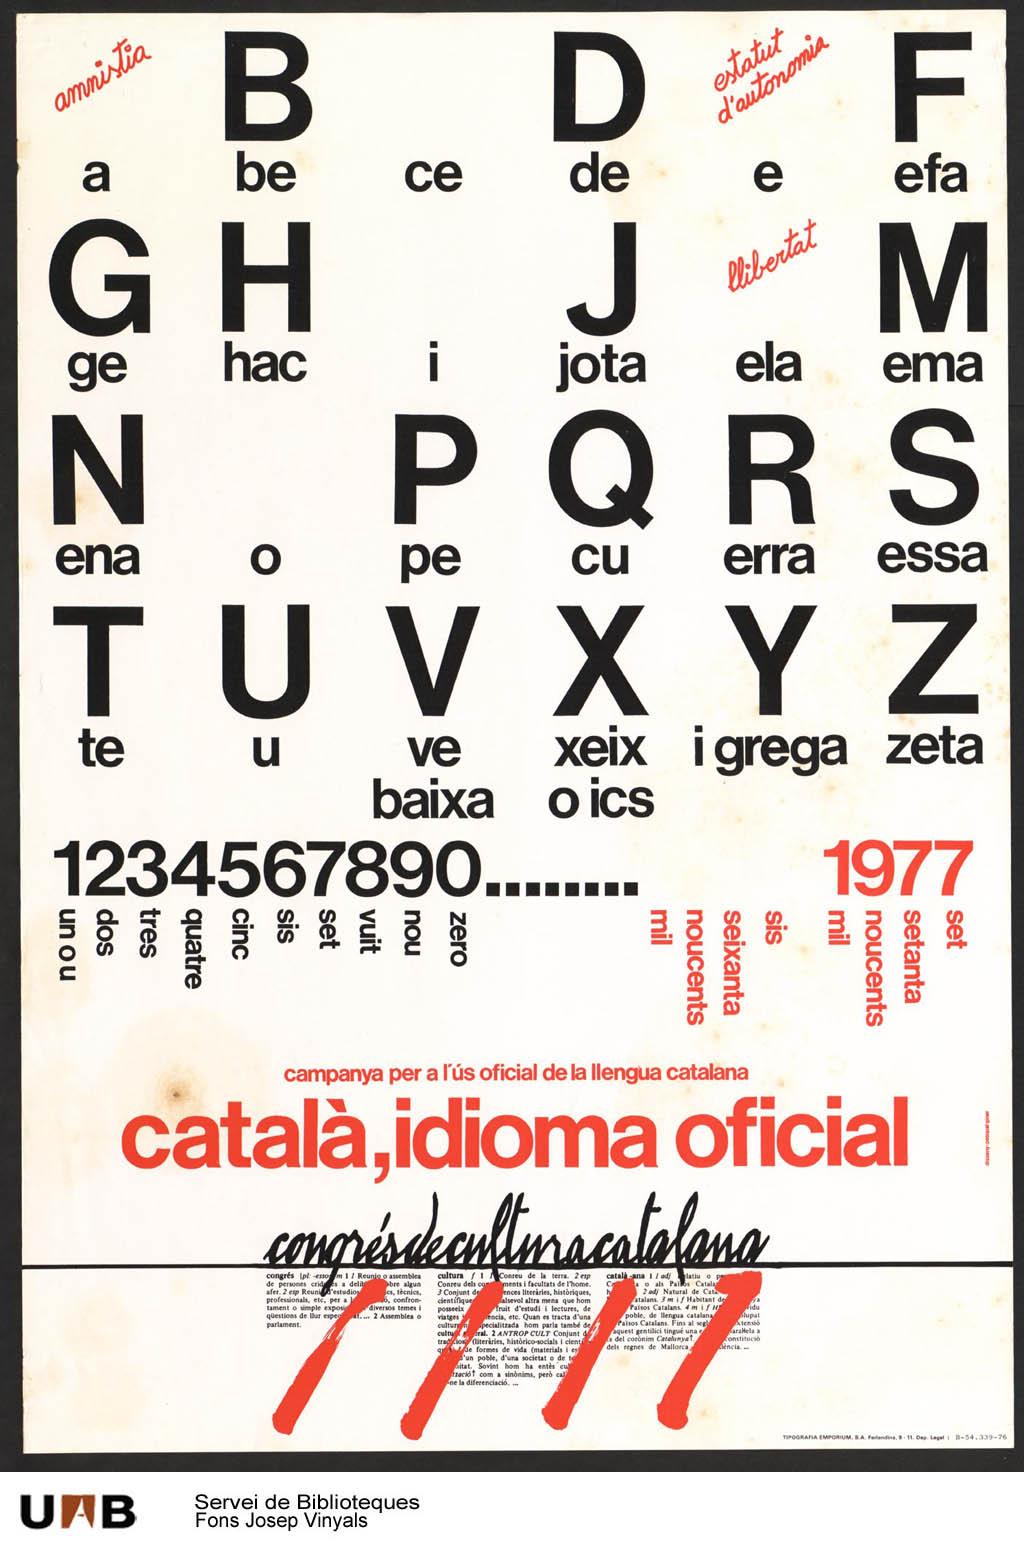 Congrés de Cultura Catalana by Josep Vinyals (1977)